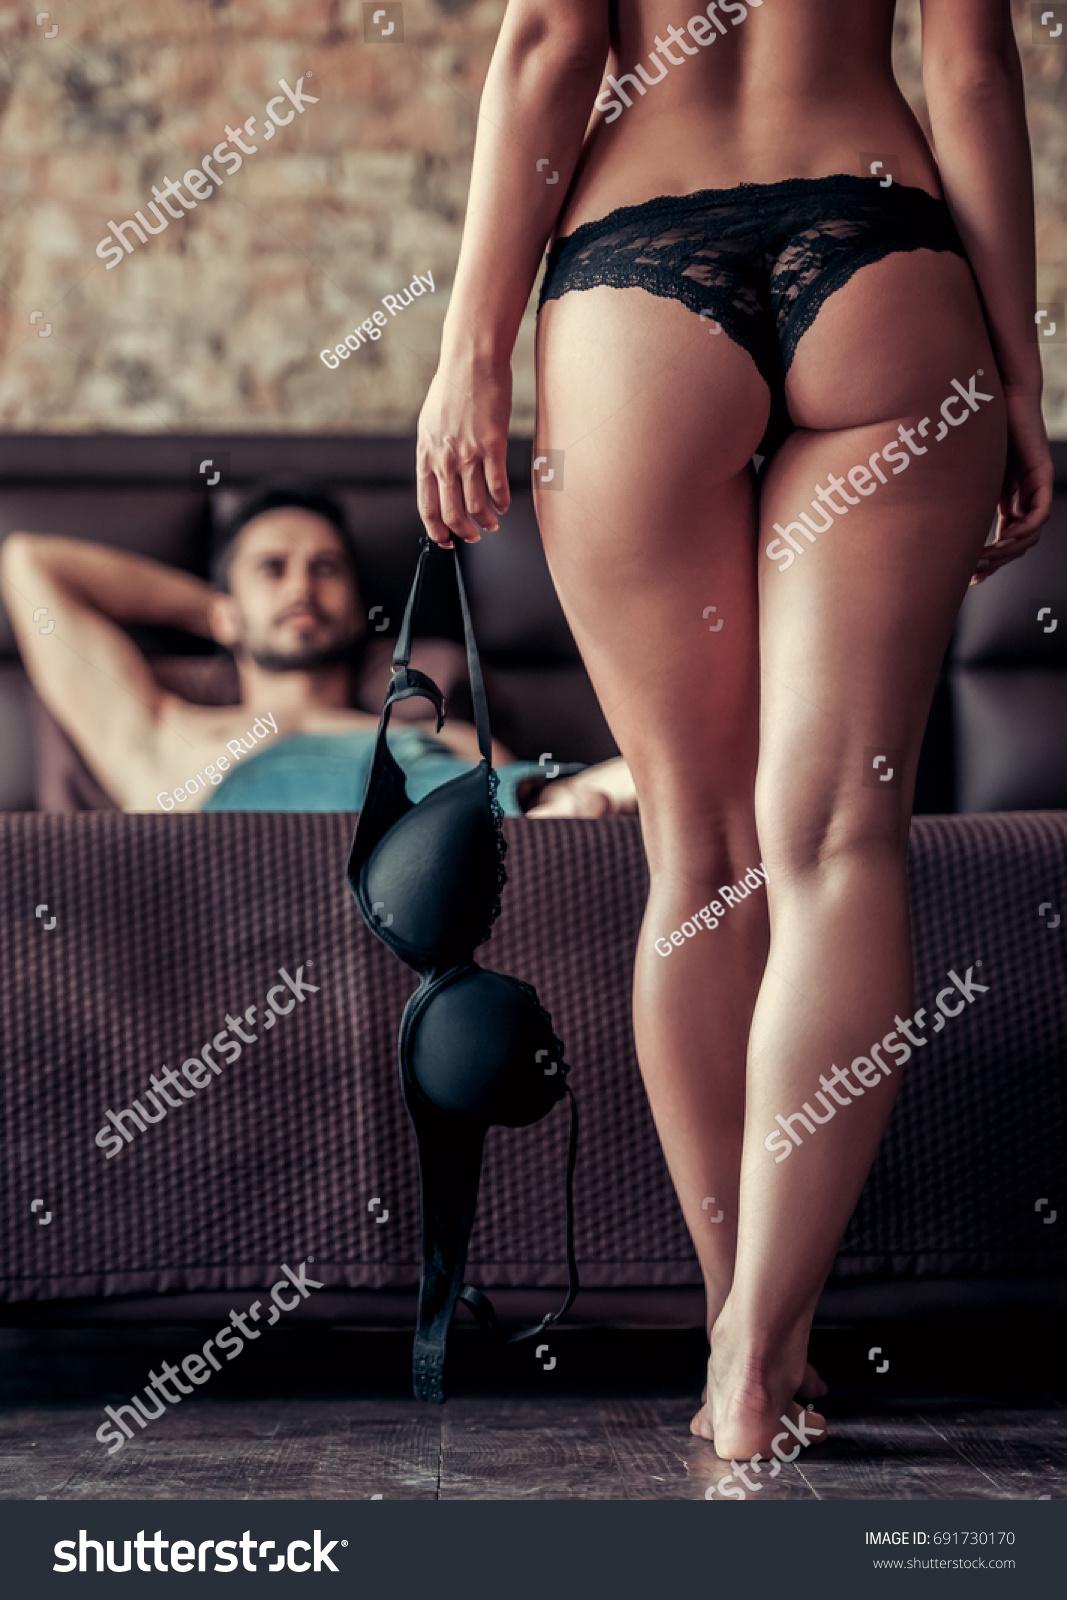 Women in panties having sex